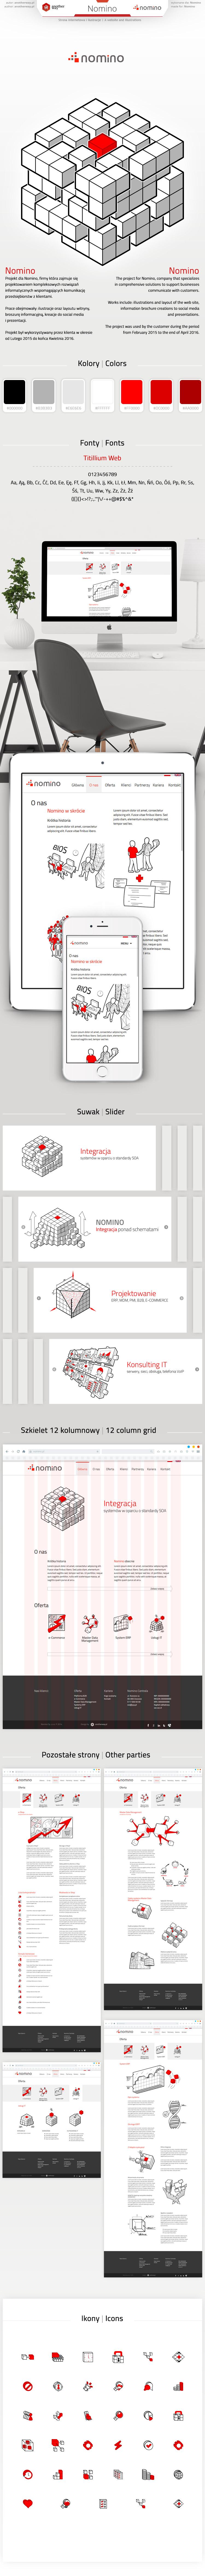 Nomino-01-mini